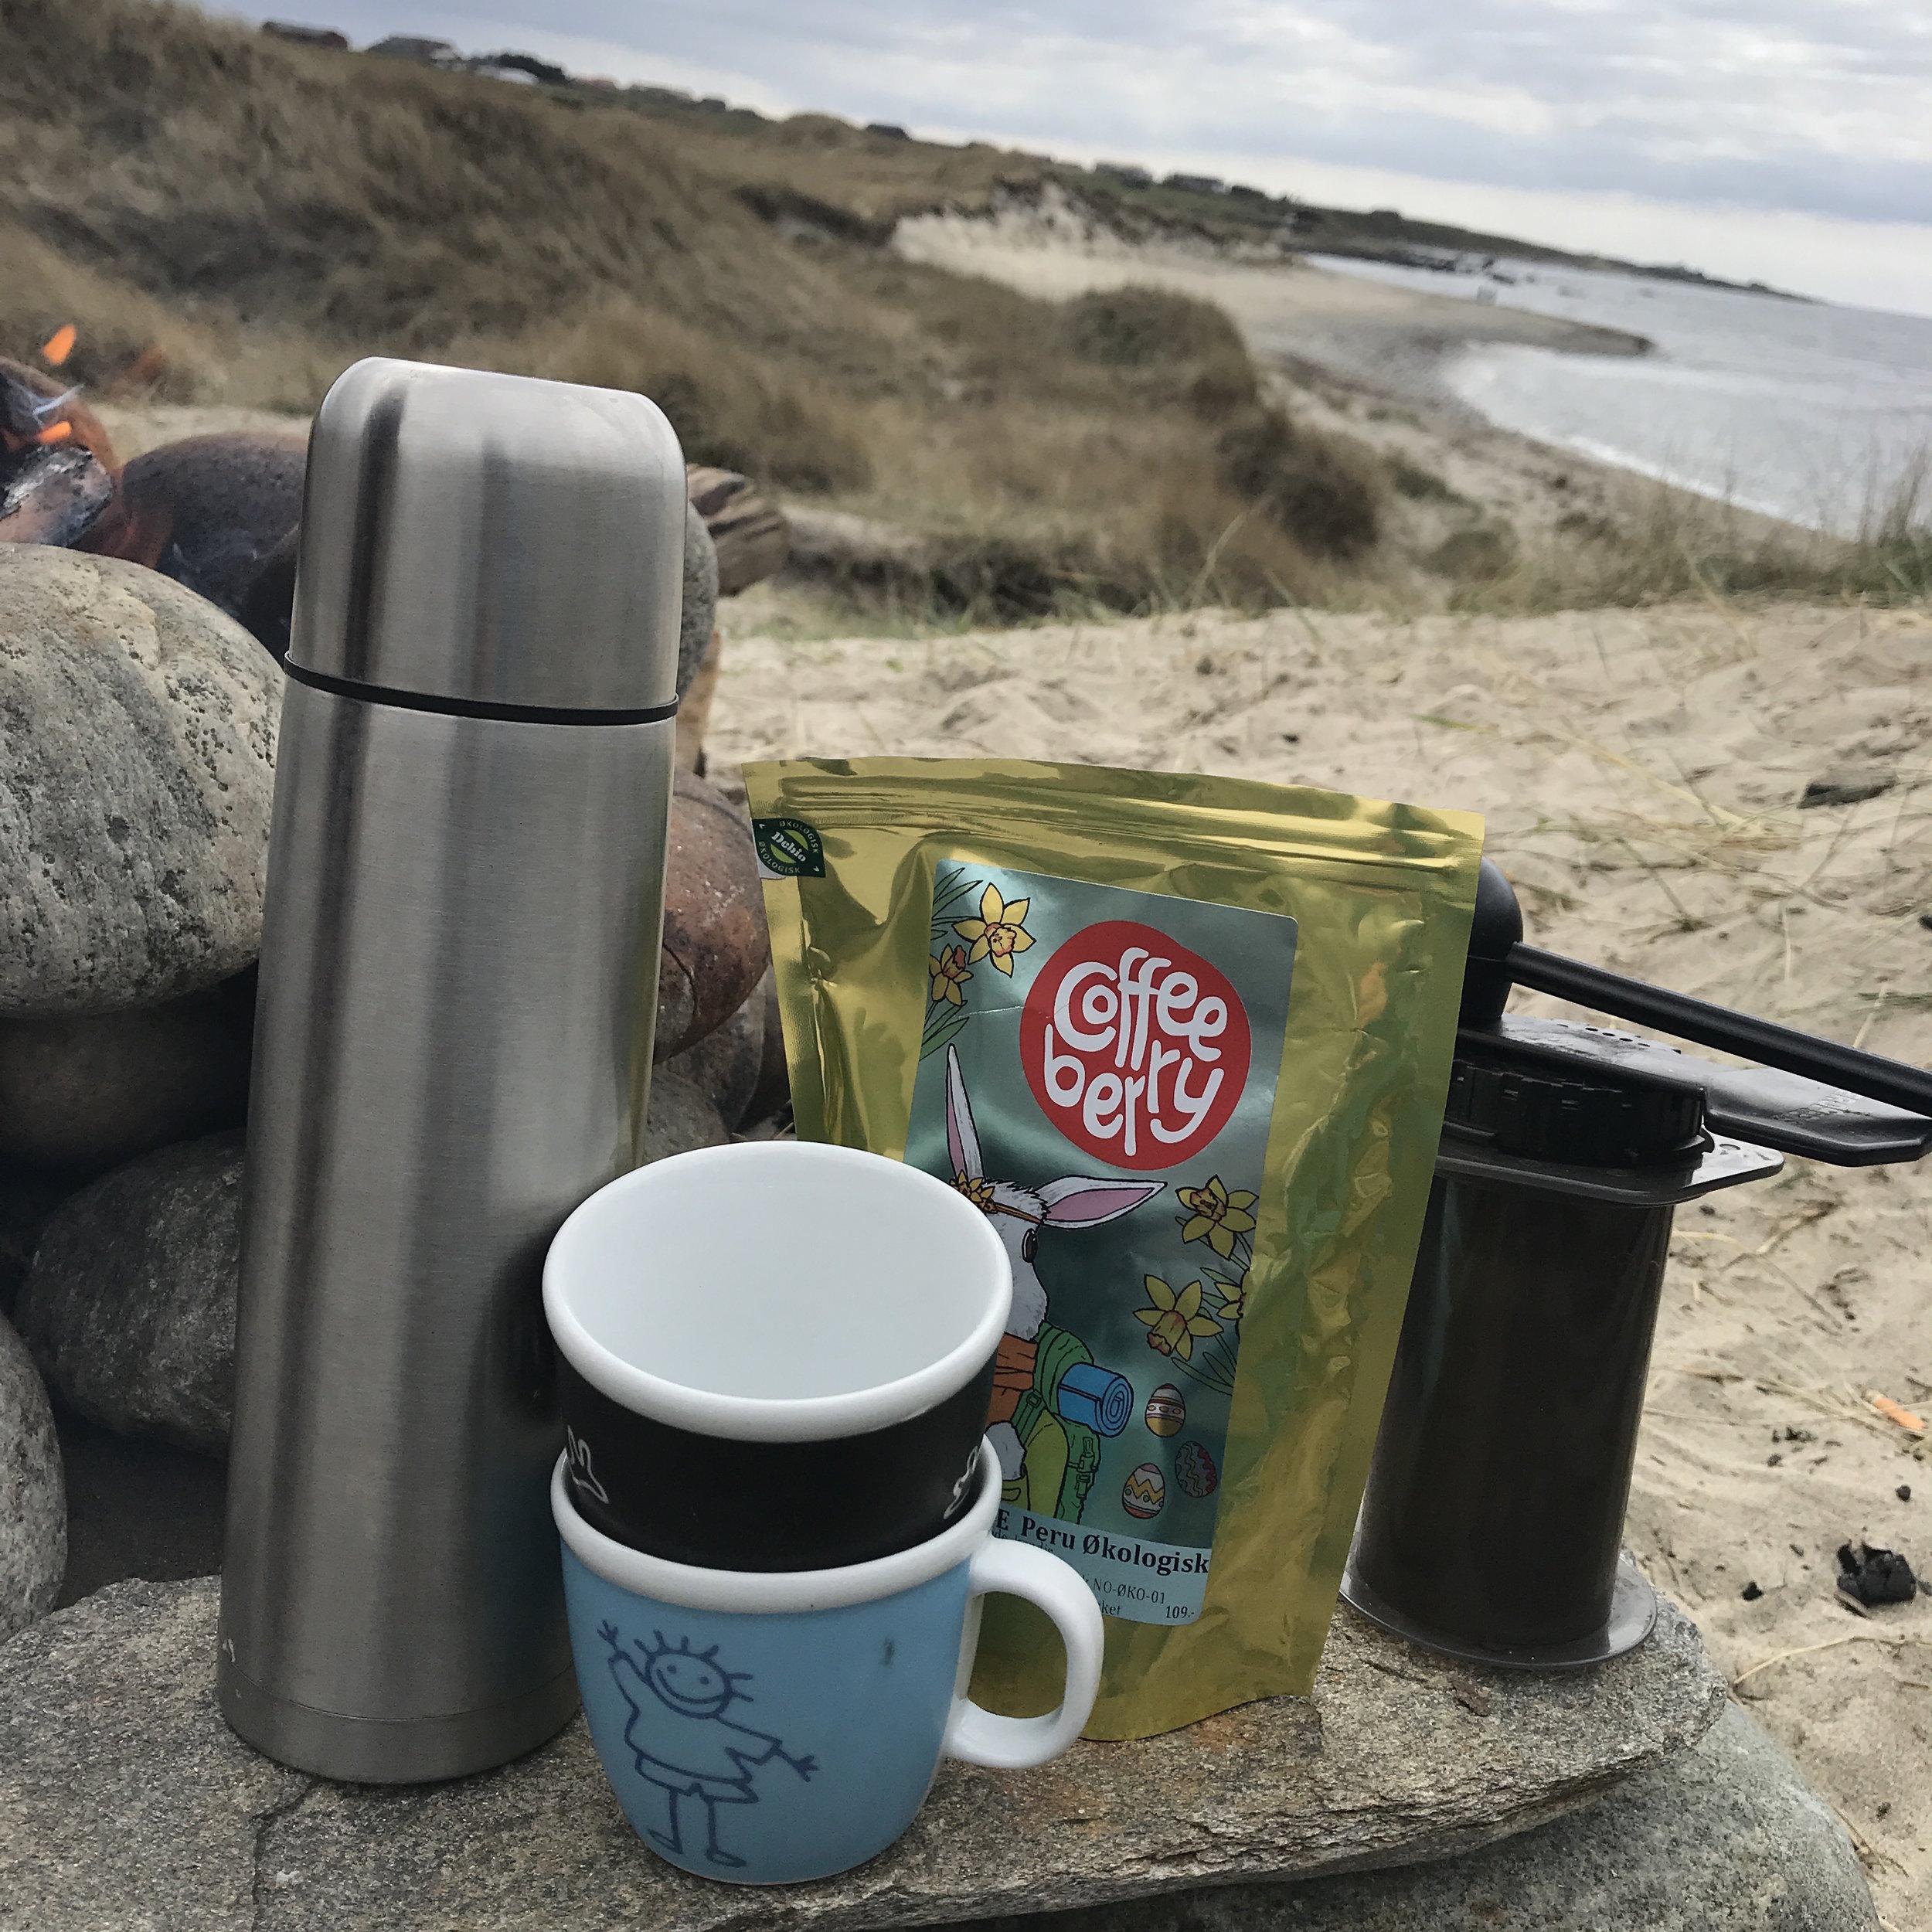 Hva smaker vel bedre en nylaget kaffi ute? Jeg bruker Aeropress til å lage espresso og americano med både hjemme og ute. Så kjekt å kunne ta med seg ut på tur, her hadde jeg med varmt vann på termos, heldigvis. Tror vi hadde blitt lei(kalde) av å vente på bålet for å varme vannet..